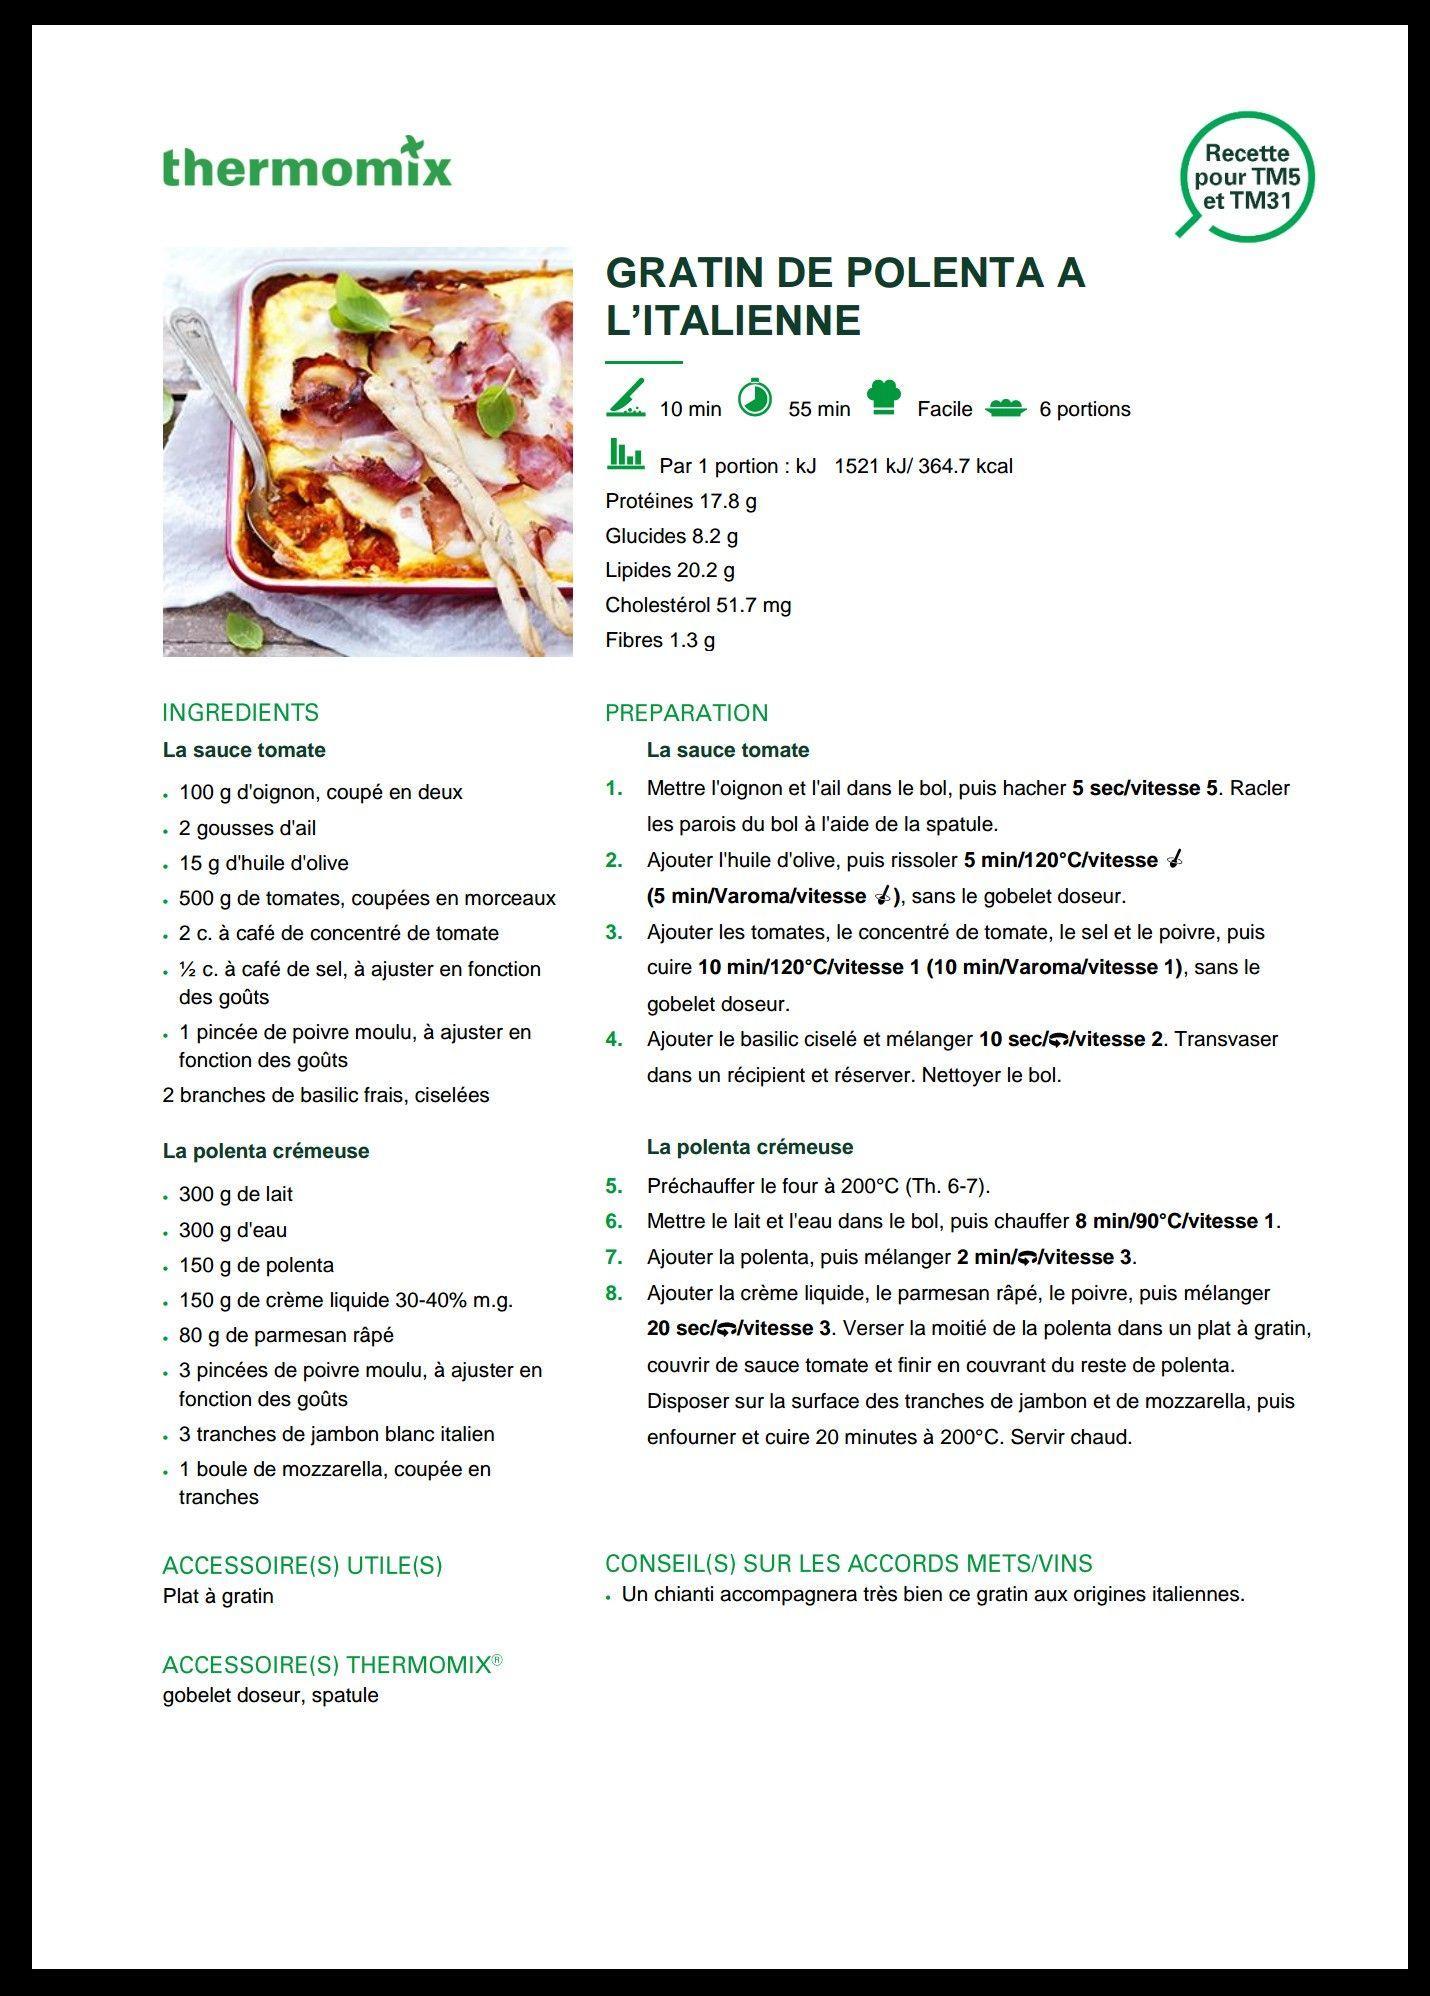 gratin de polenta thermomix recette